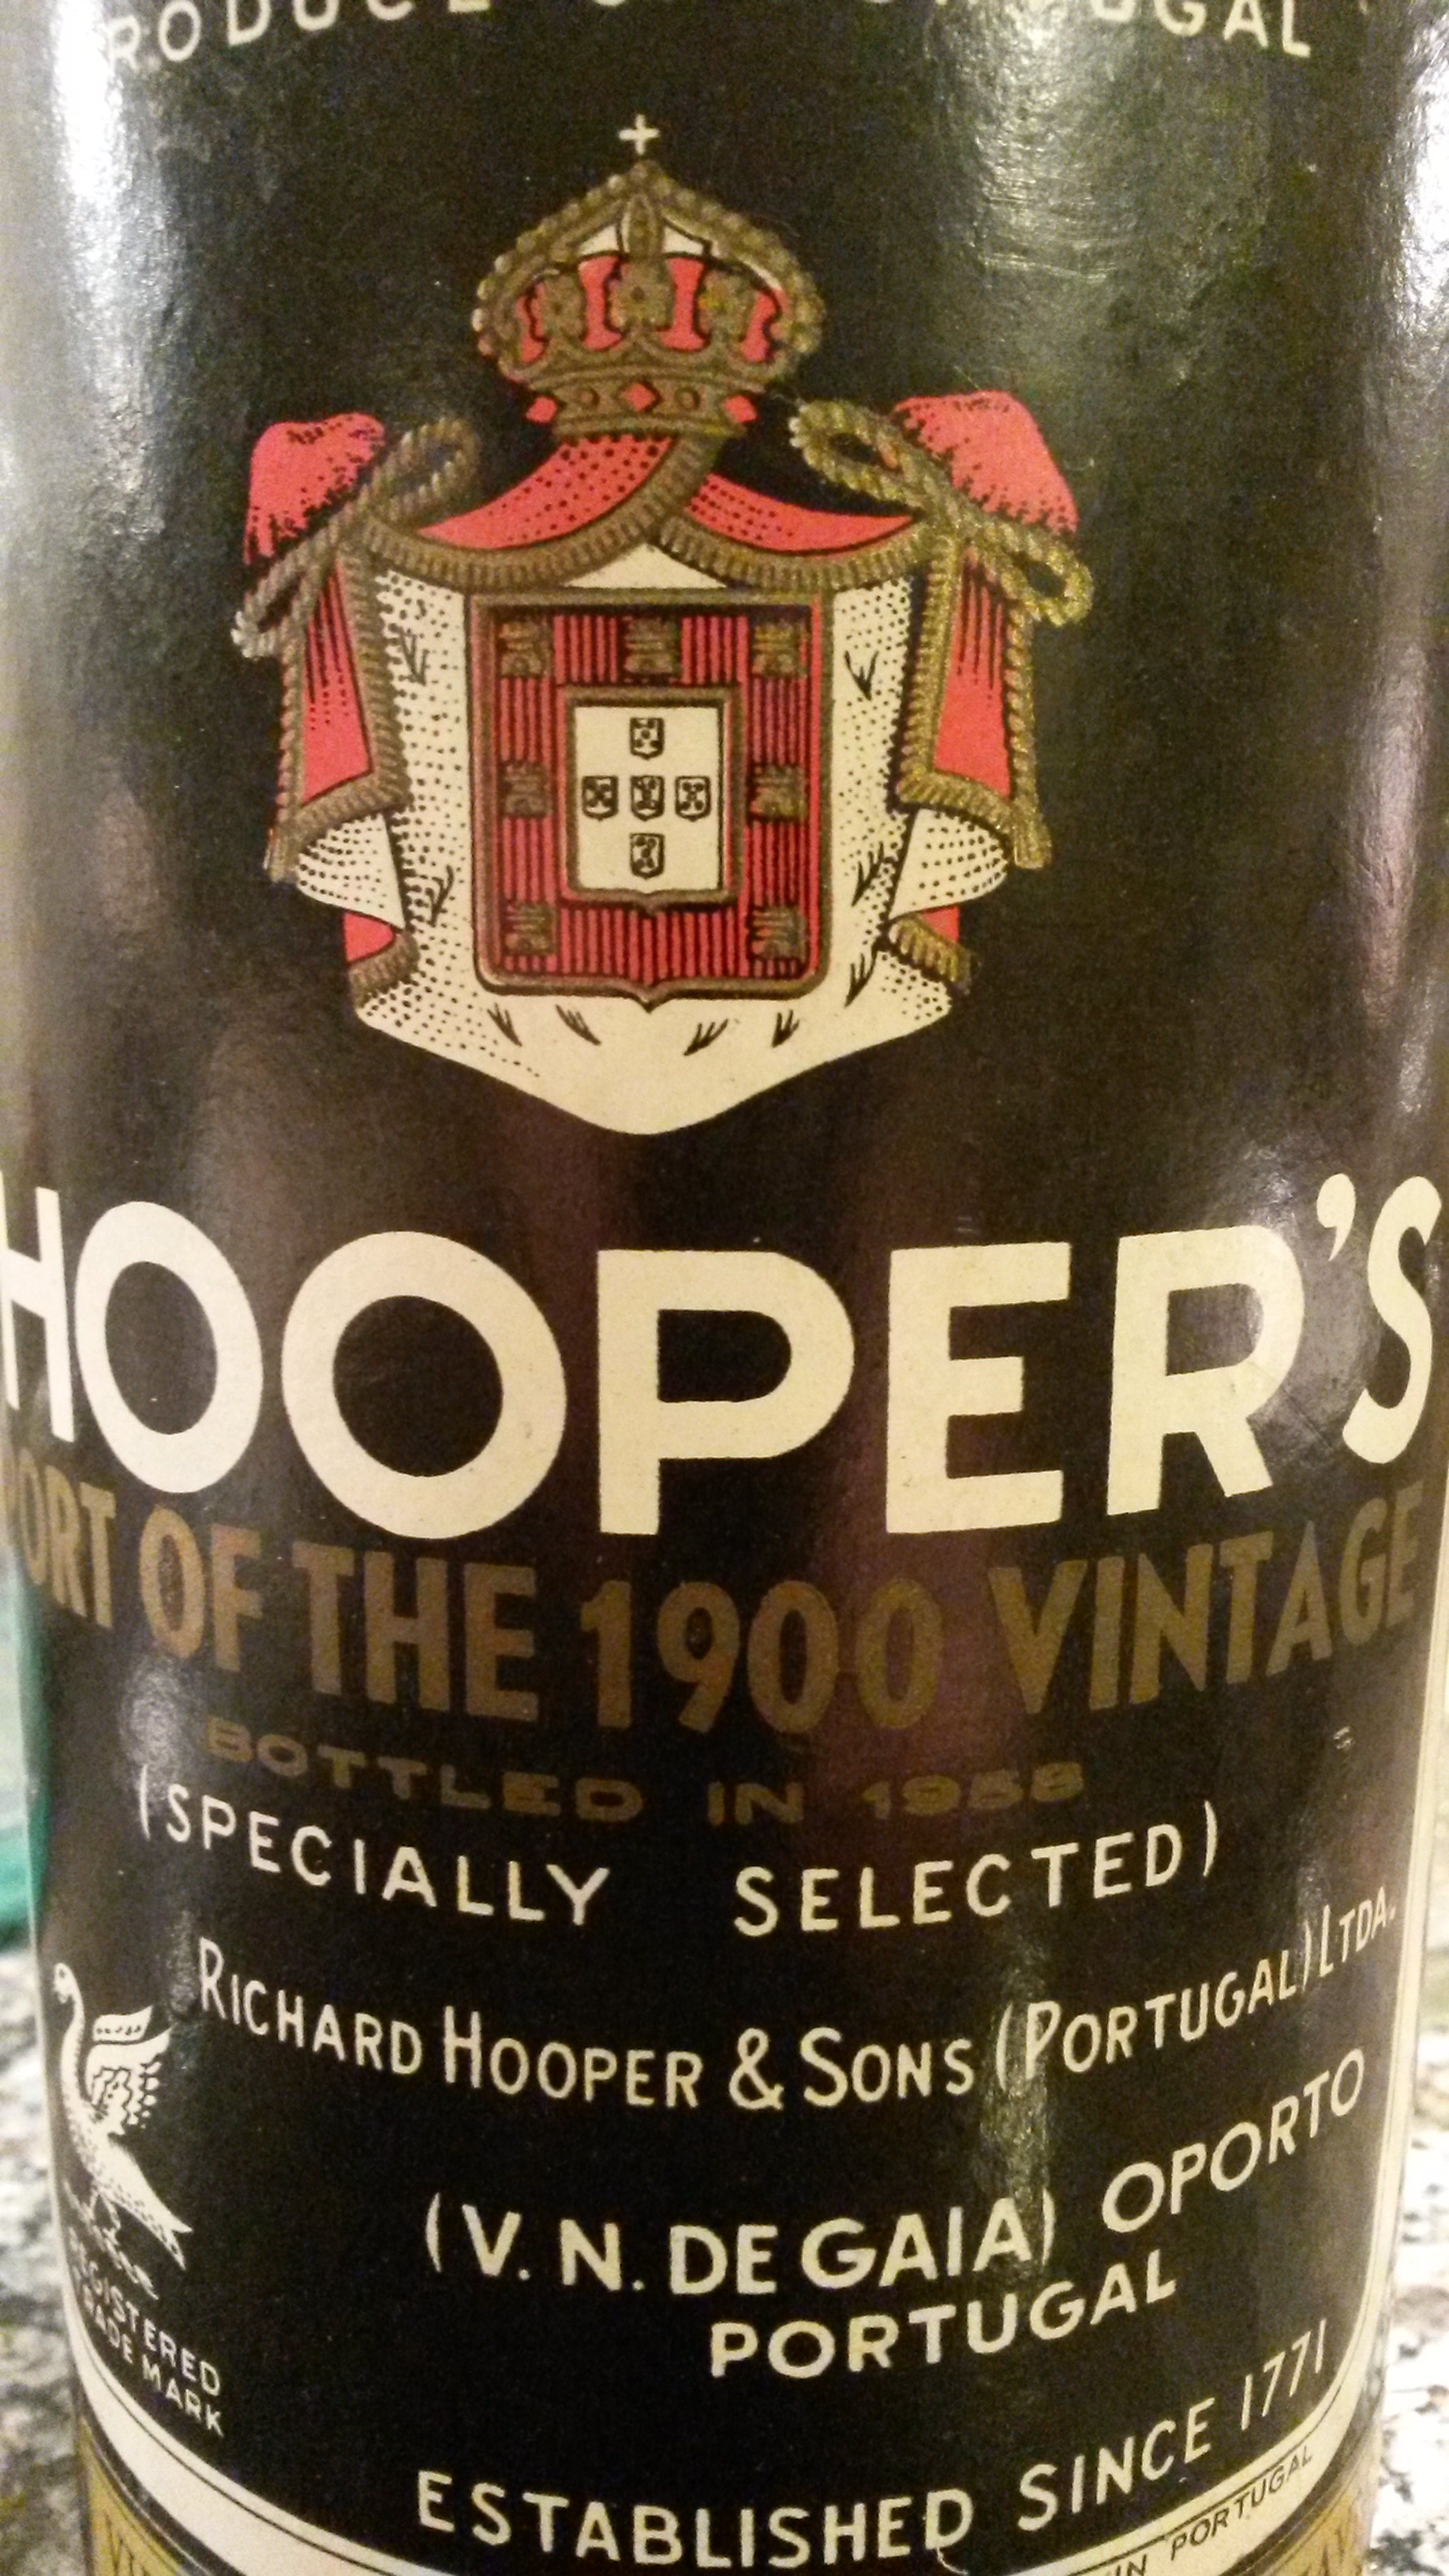 Hoopers 1900